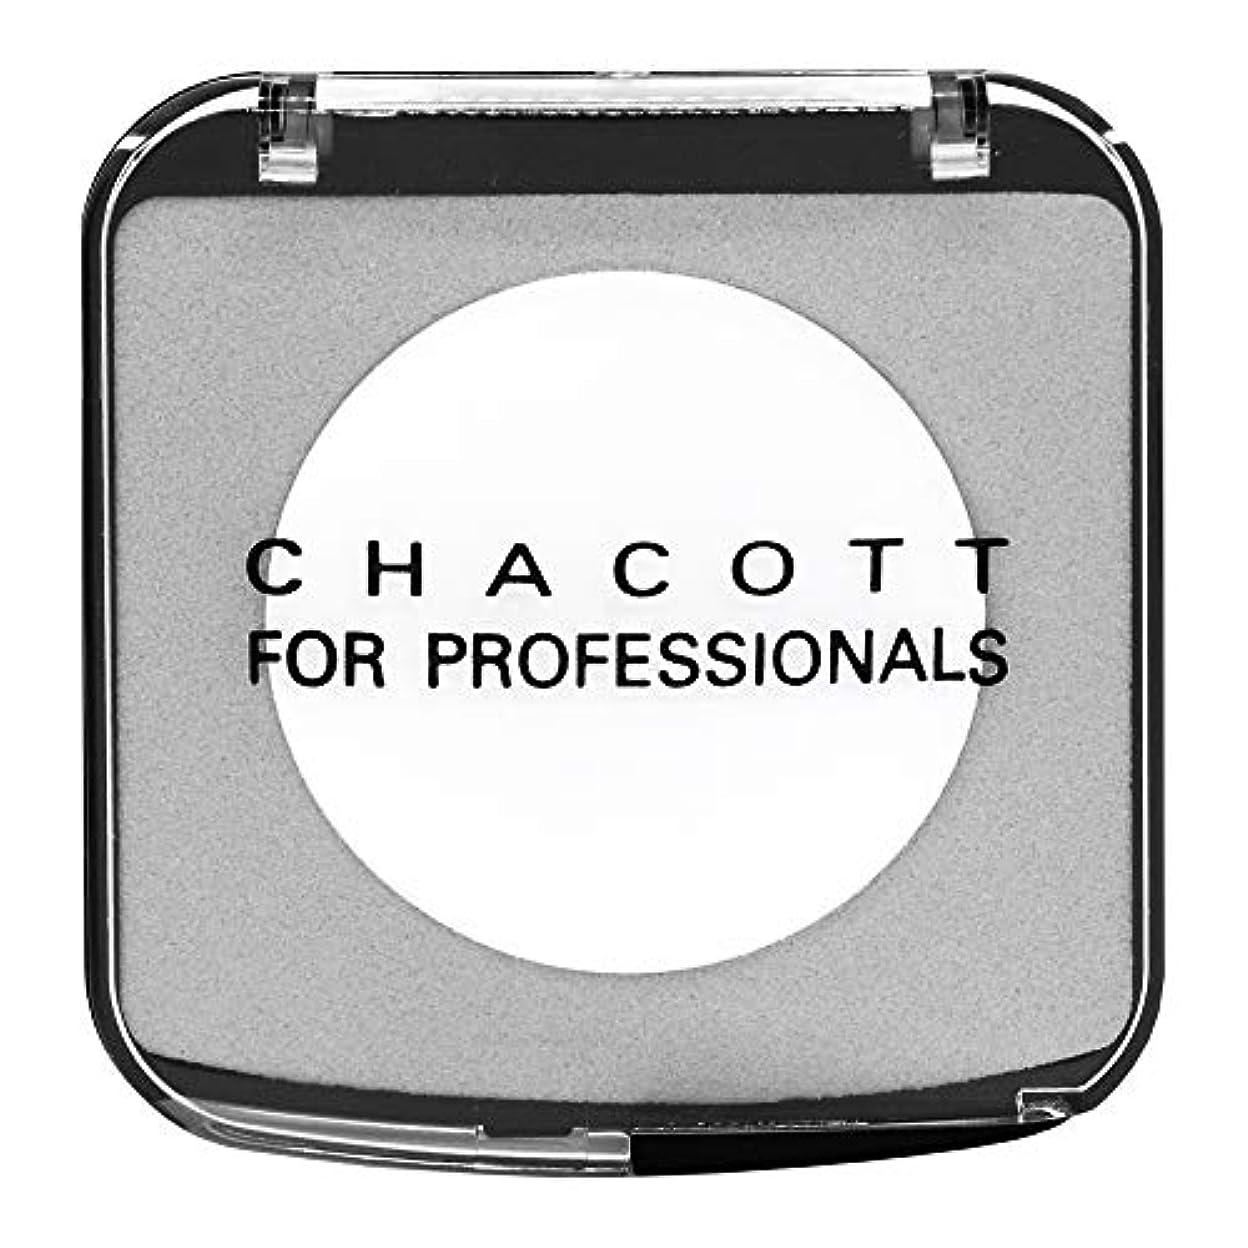 ありふれたアストロラーベ販売計画CHACOTT<チャコット> カラーバリエーション 624.スノーホワイト